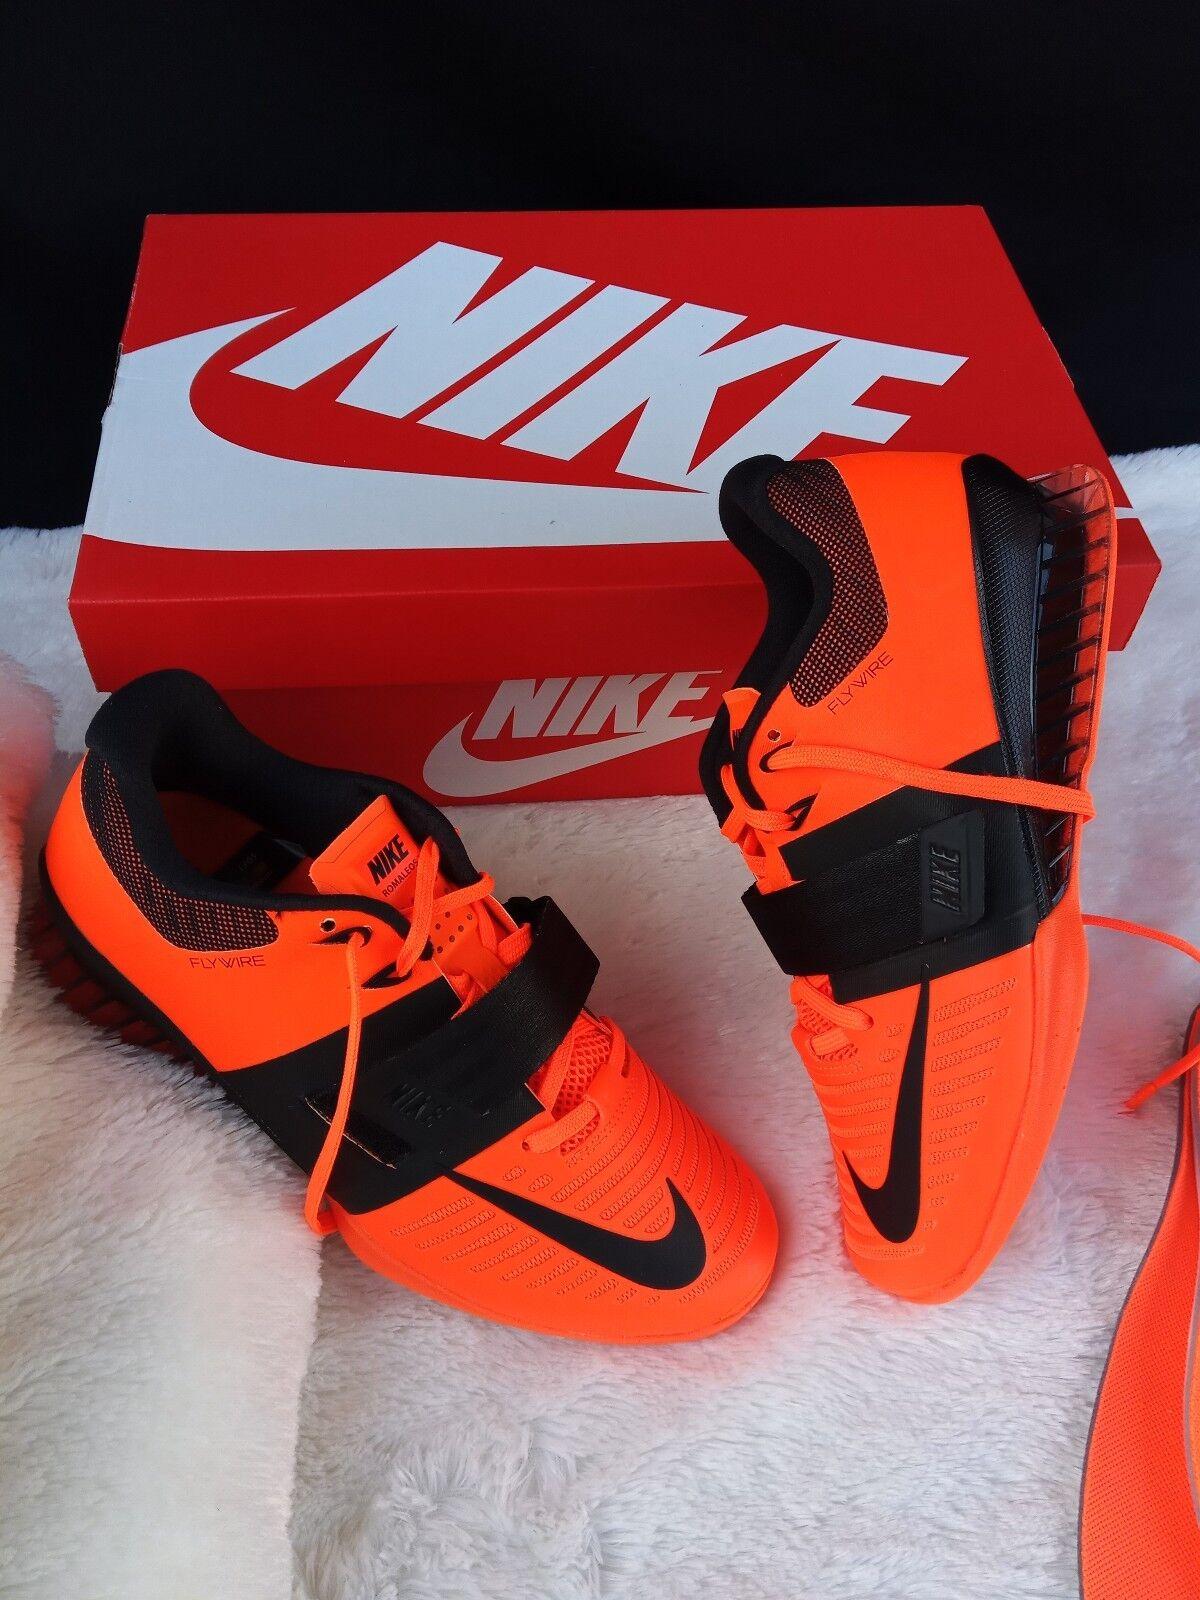 11.5 para Hombre Nike Romaleos 3 Naranja Neón entrenamiento entrenamiento entrenamiento gimnasio de Halterofilia 852933 801 3409a3